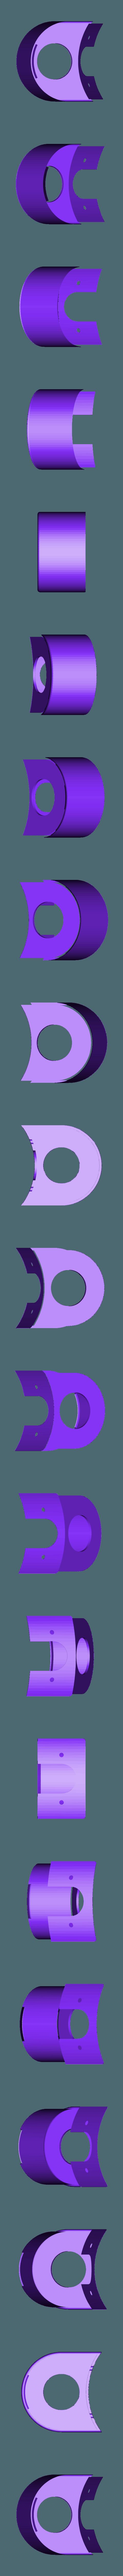 dice-box.stl Télécharger fichier STL gratuit Rouleau à dés motorisé • Objet pour impression 3D, Adafruit